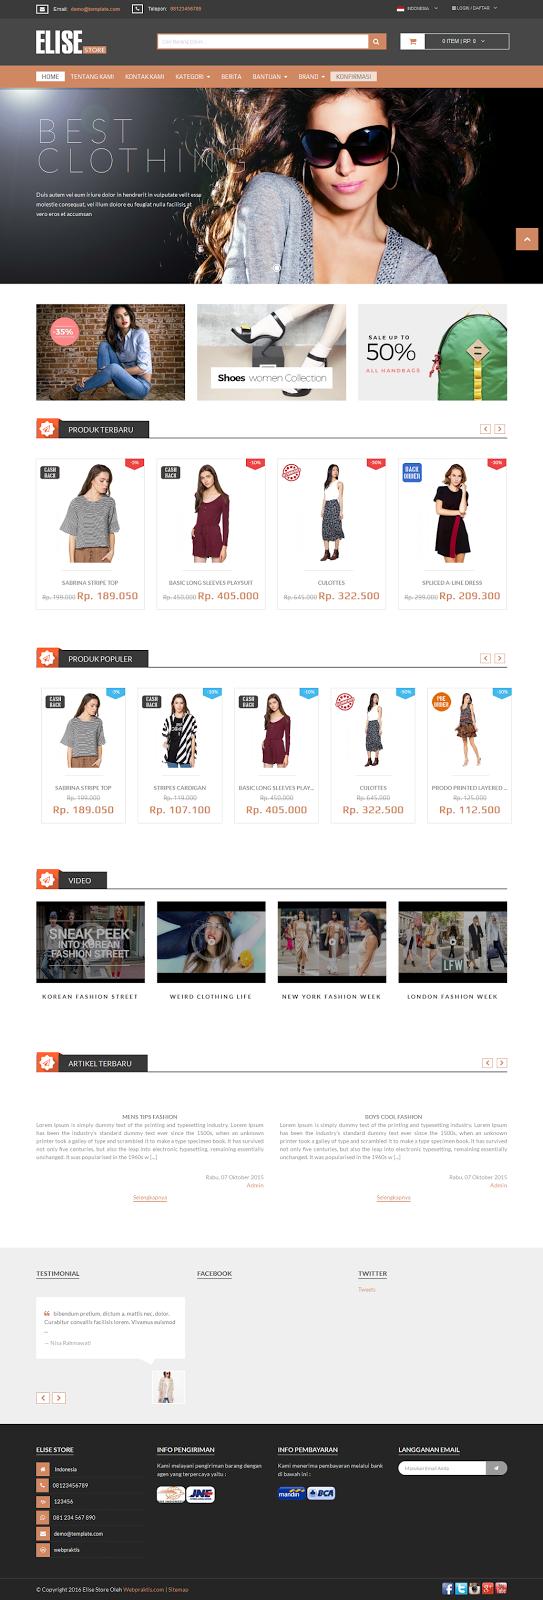 Bikin Website .com & Toko Online - 3